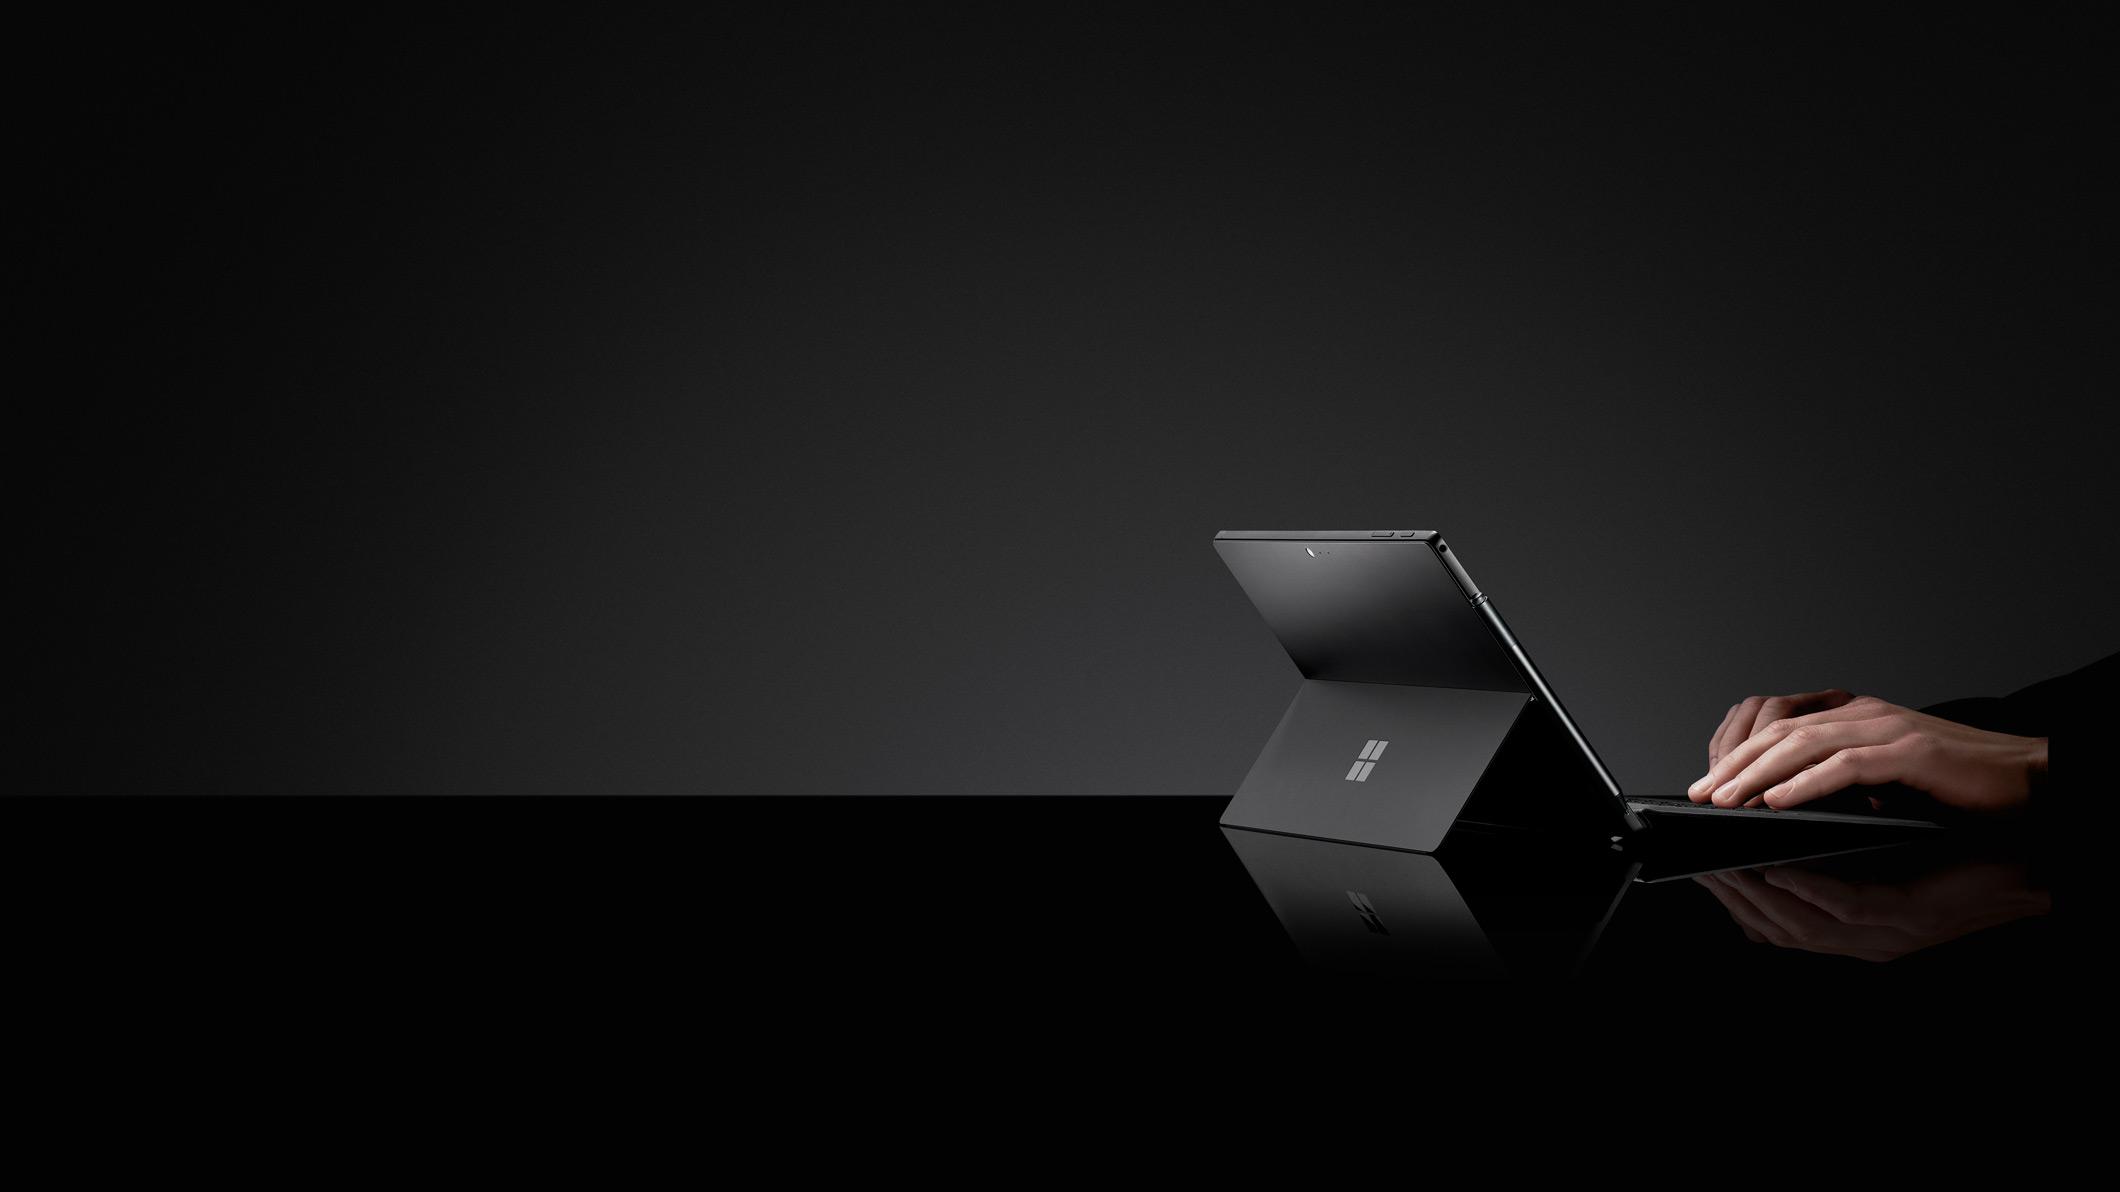 黑色背景上,一个人在用黑色 Surface Pro 6 打字